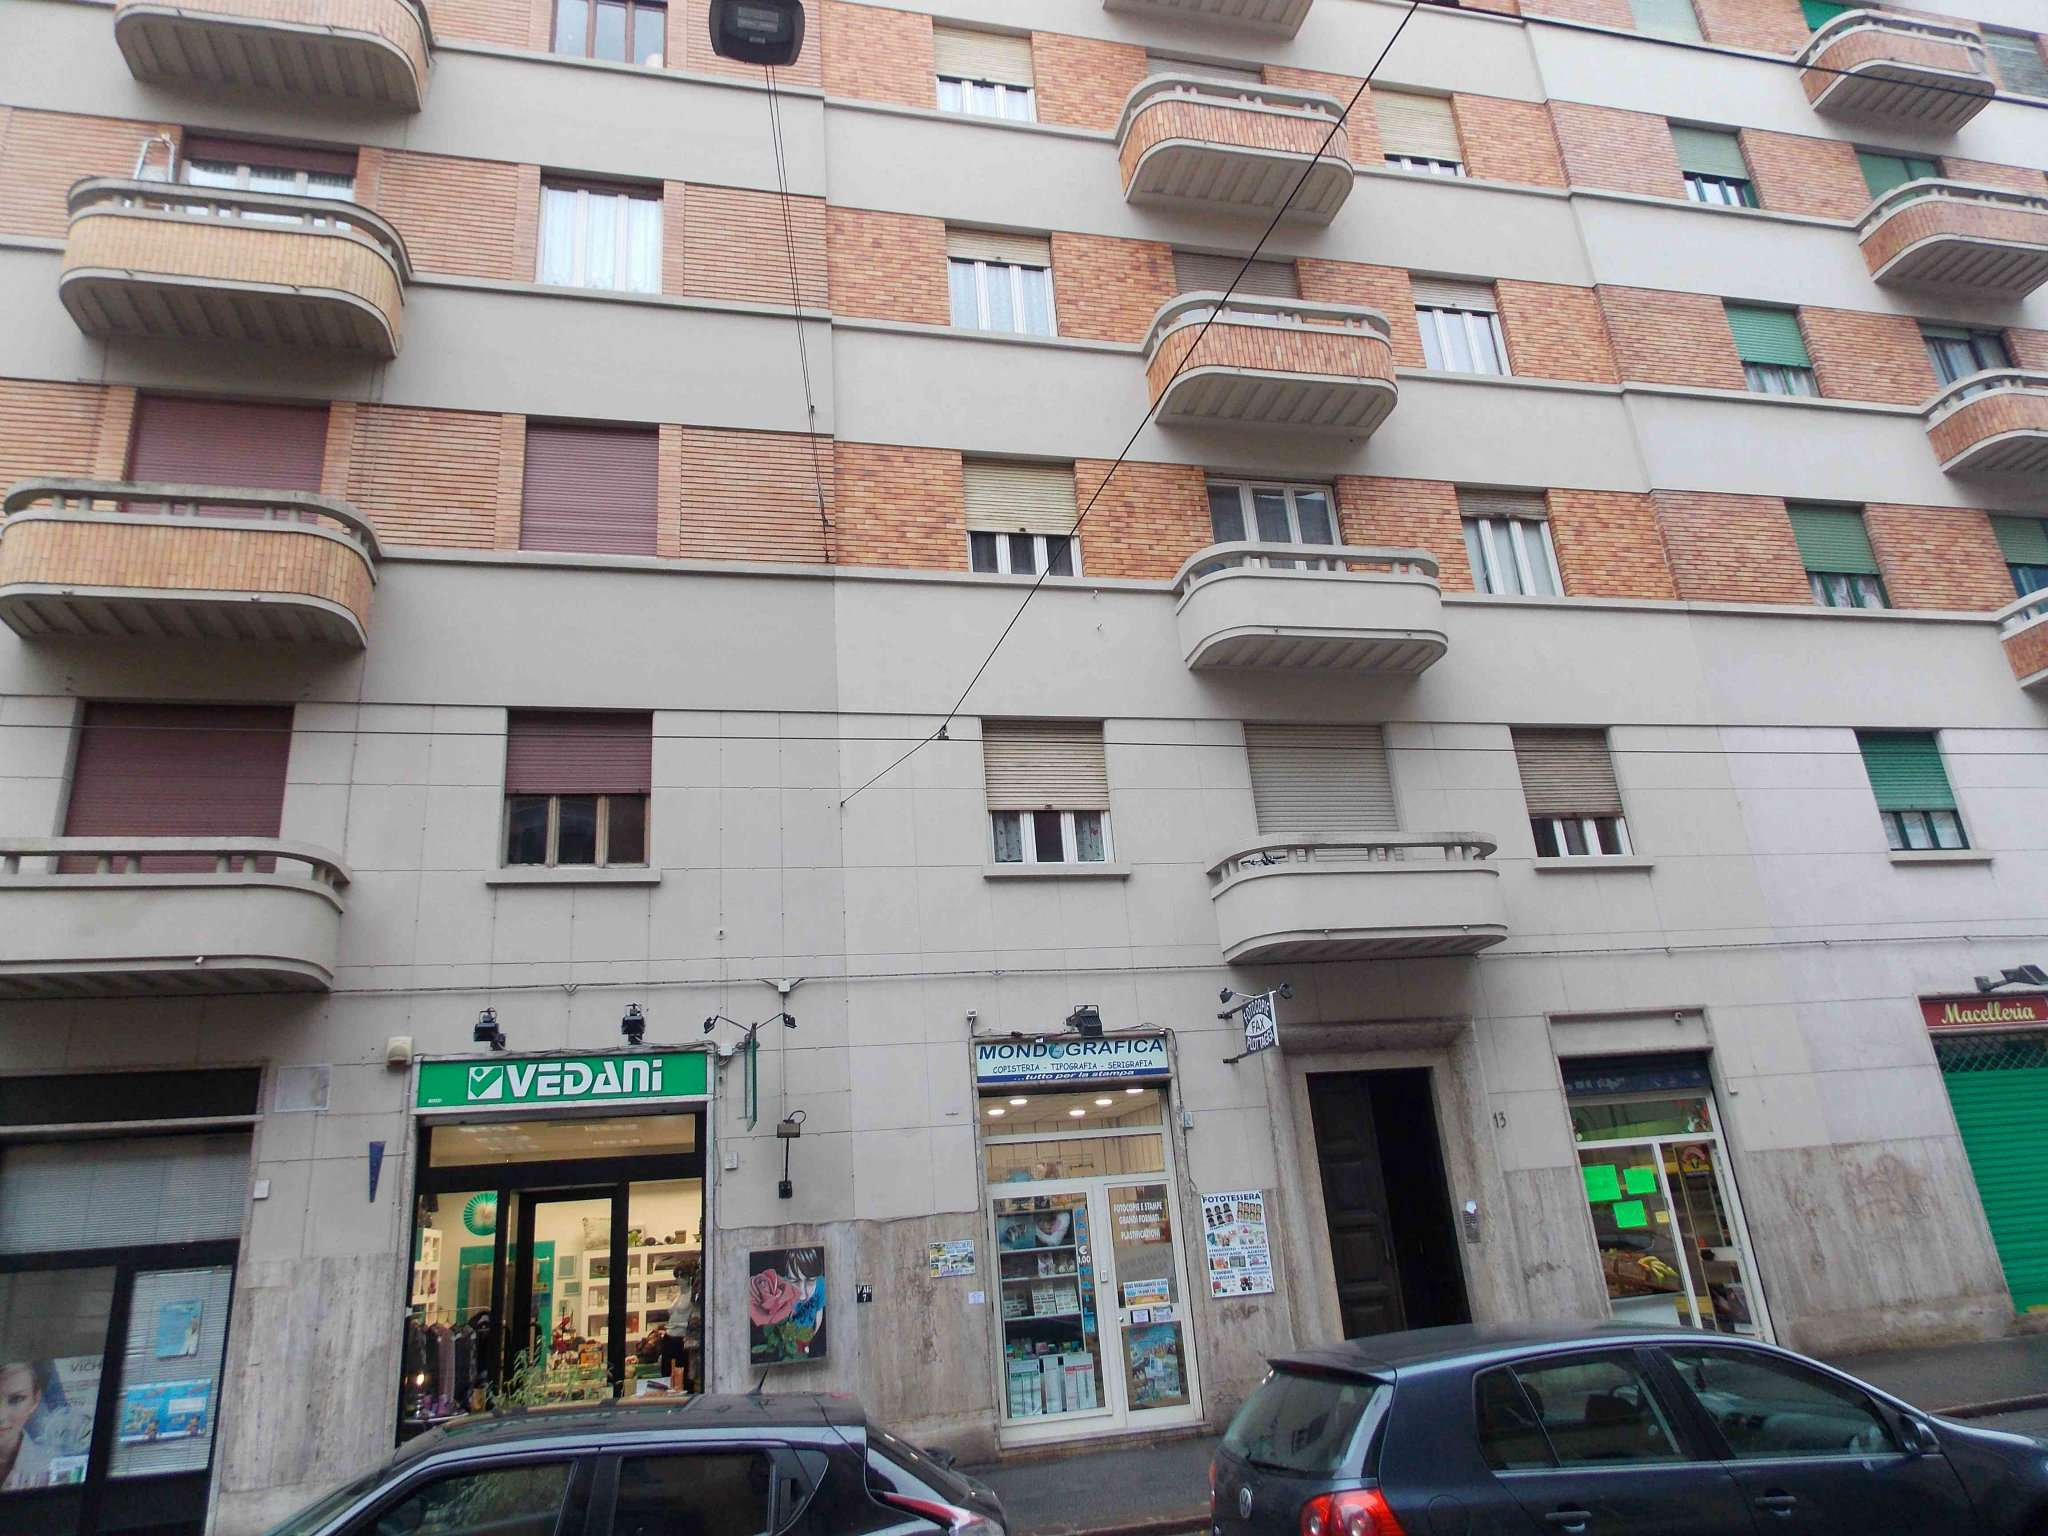 Negozio in affitto Zona Cit Turin, San Donato, Campidoglio - via Nicola Fabrizi 13 Torino